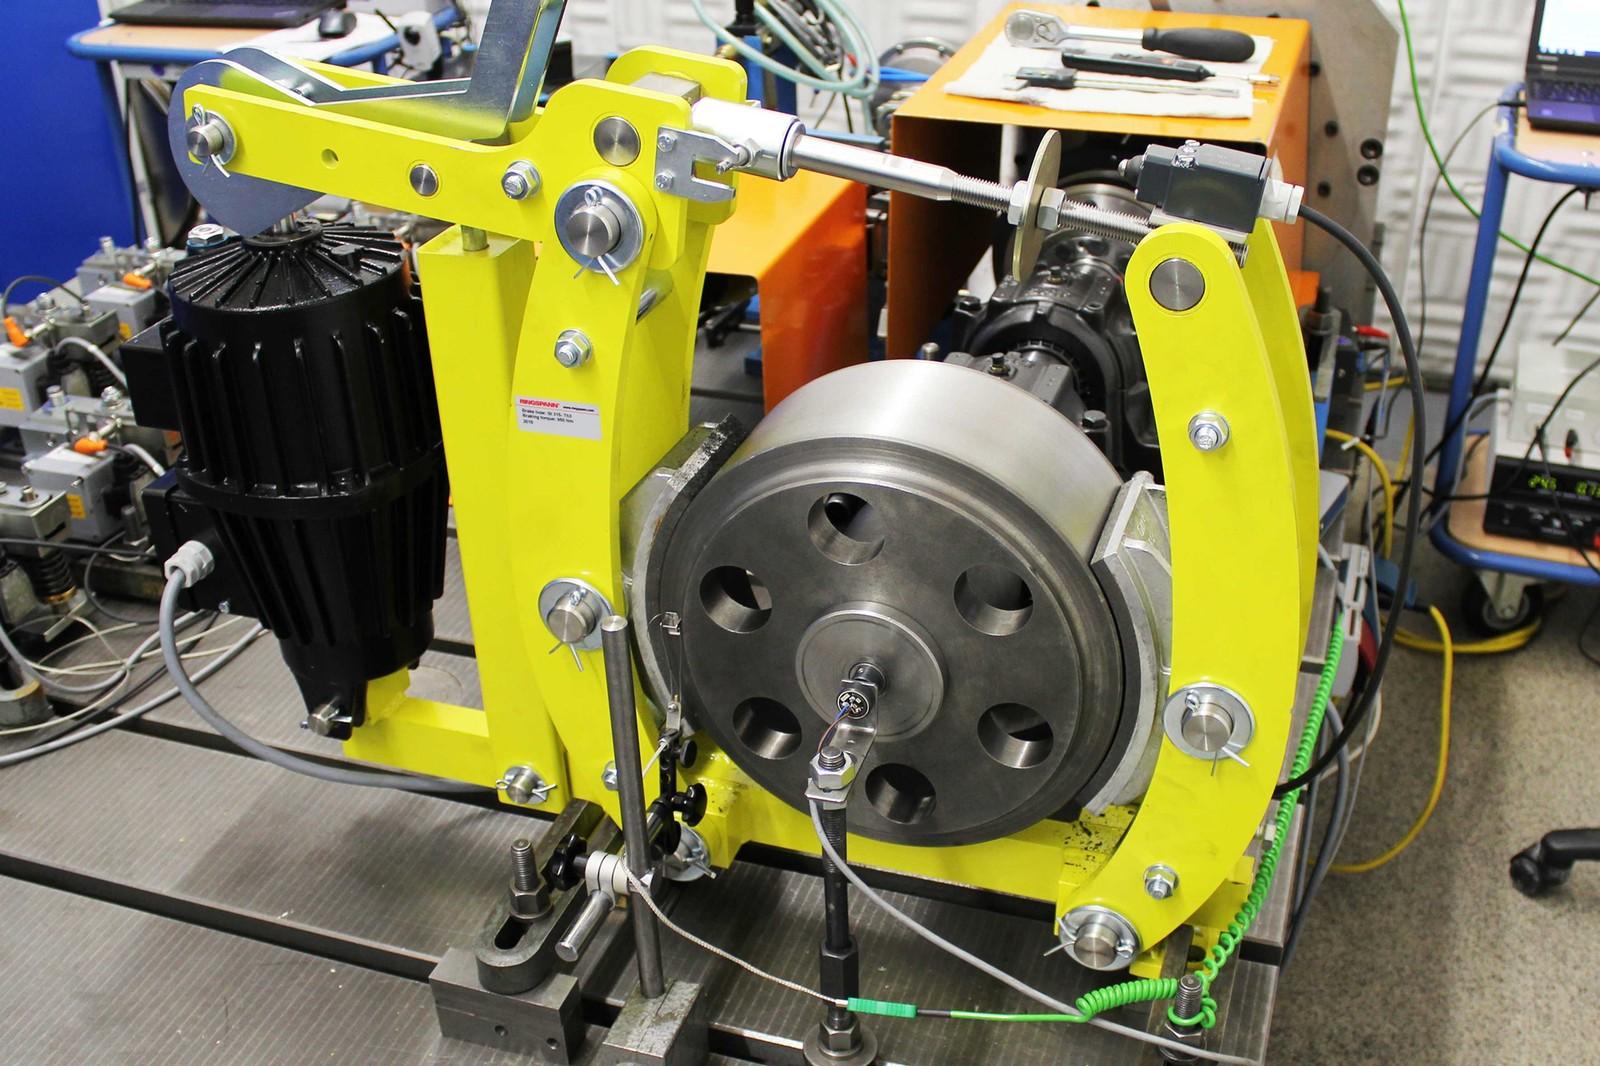 Die elektrohydraulische Trommelbremse DT315FEM (Stahlrahmen) von Ringspann auf dem Prüfstand zur Dokumentation der Bremsmomente, Haltekräfte und Reaktionszeiten.